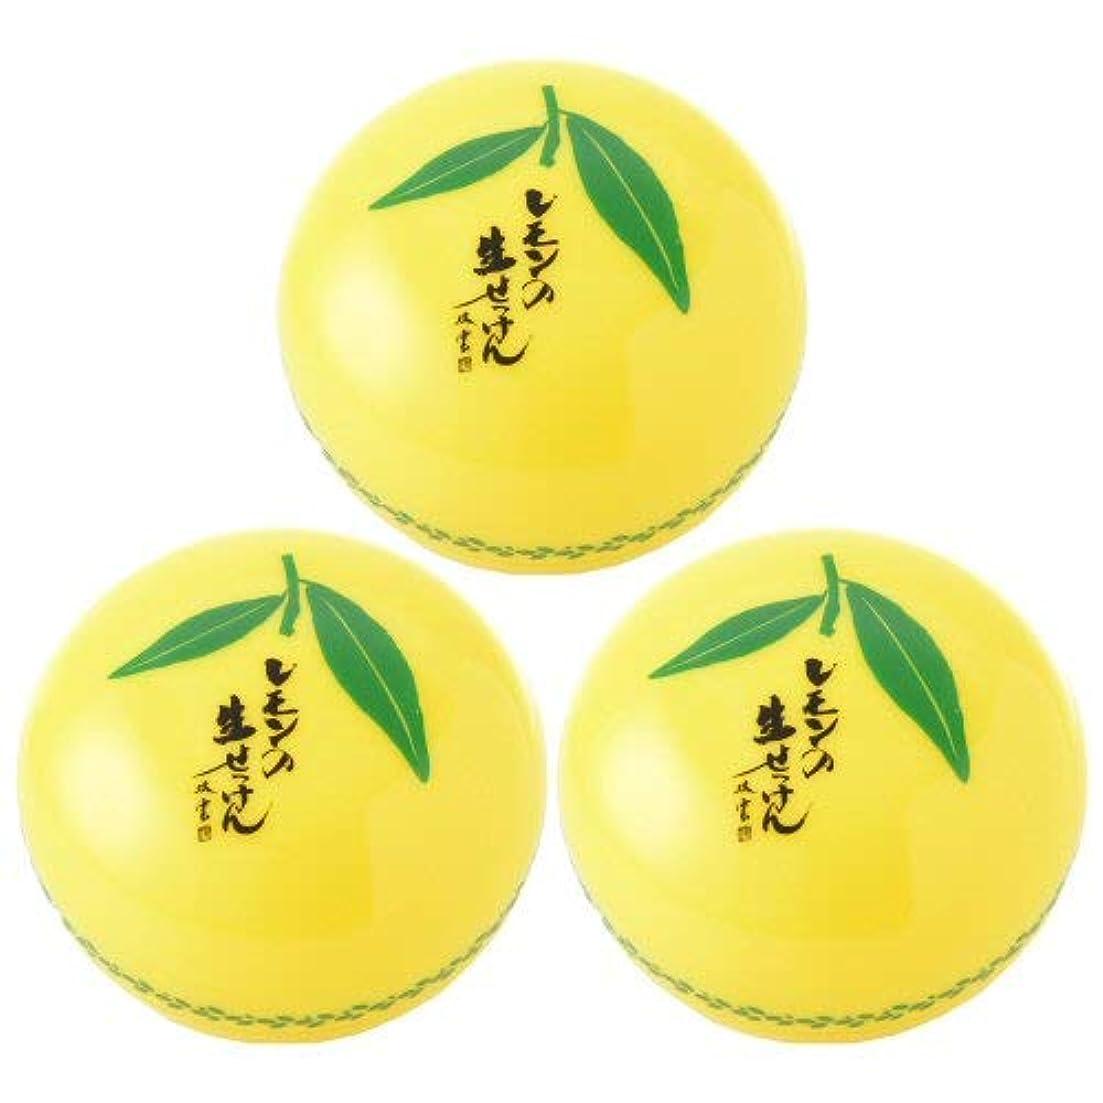 既婚強調する構成するUYEKI美香柑レモンの生せっけん120g×3個セット